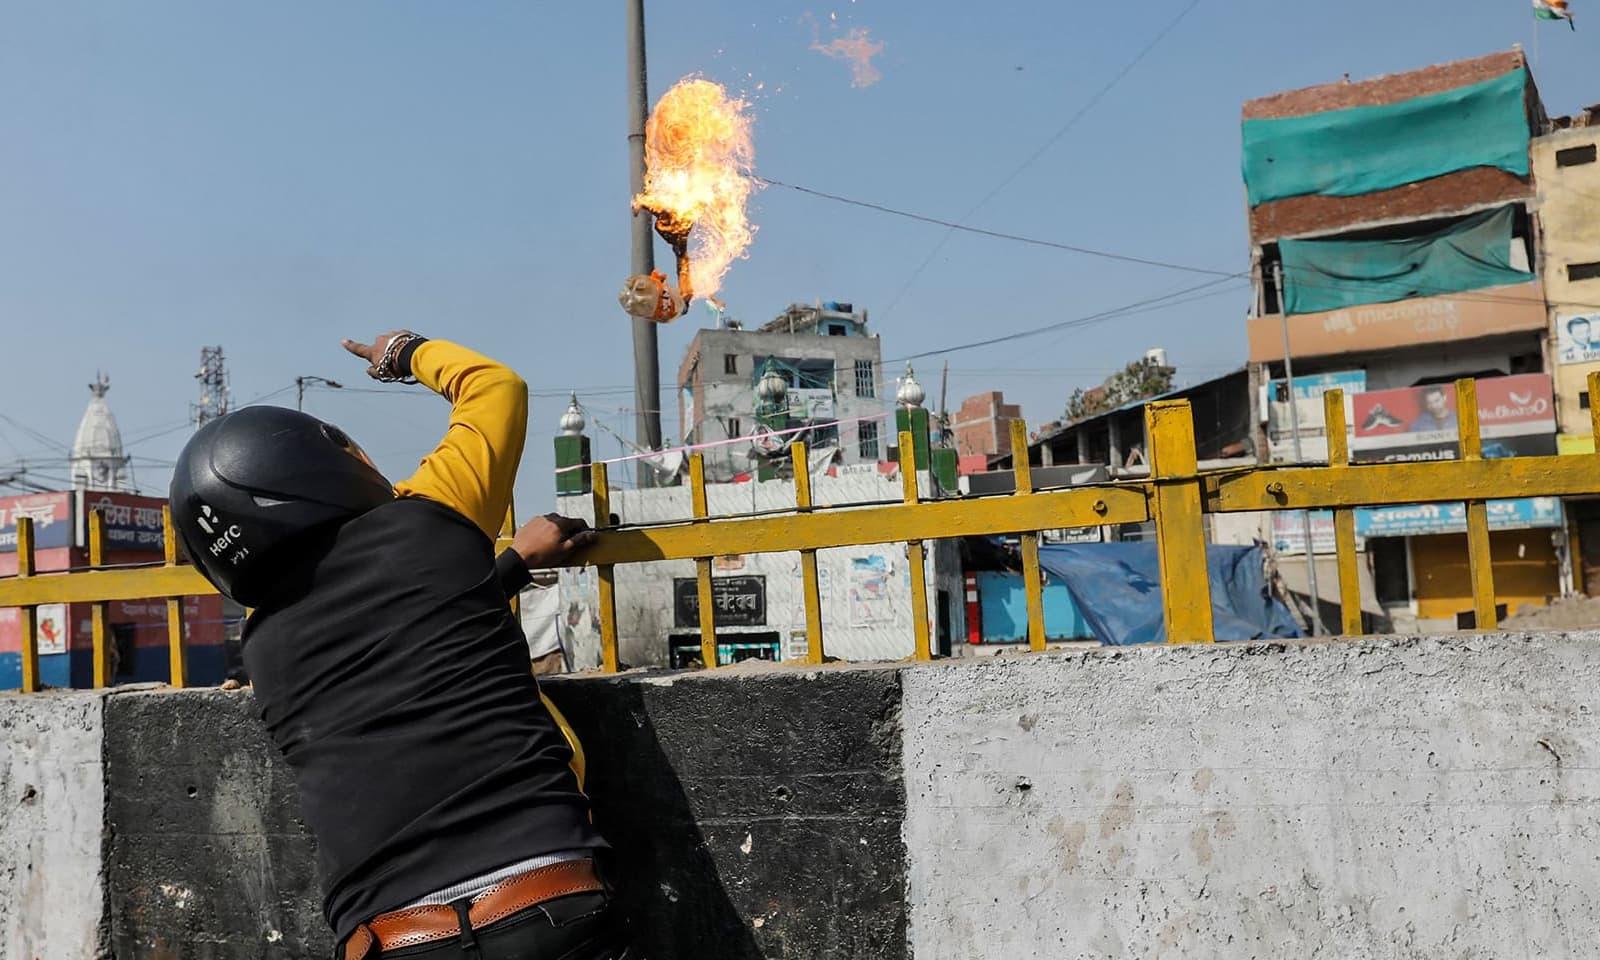 ہندو انتہا پسند مسجد پر پیٹرول بم پھینک رہا ہے — فوٹو: رائٹرز